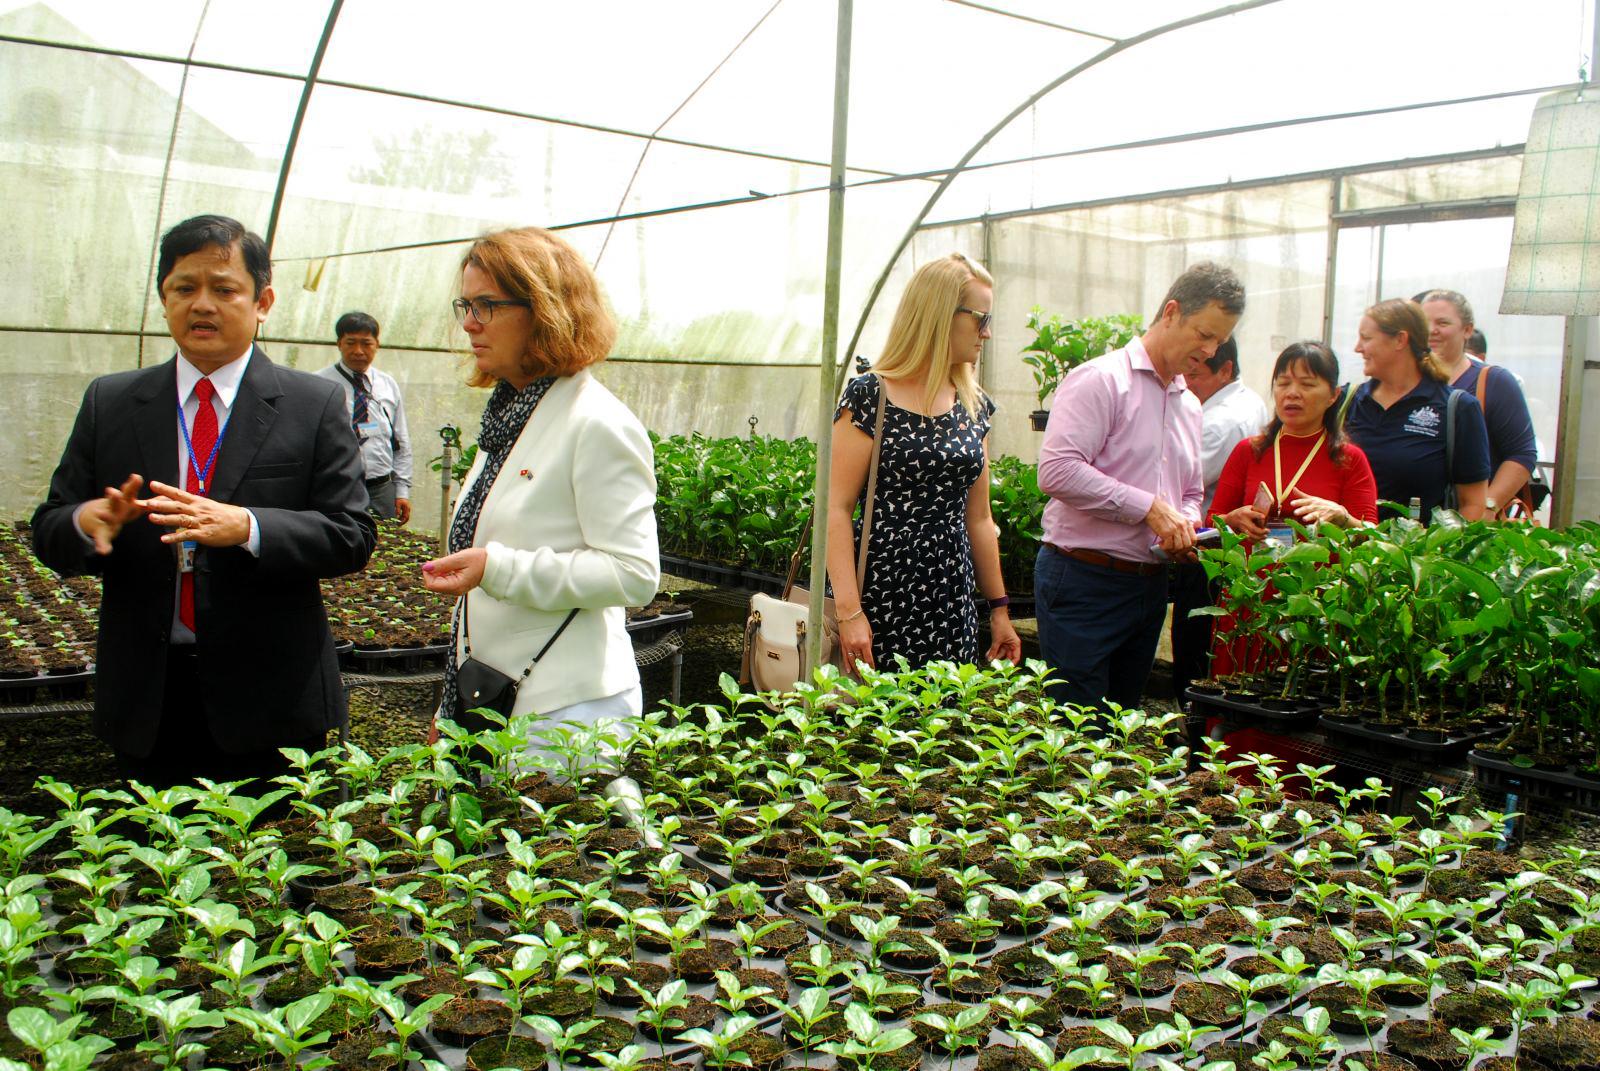 Sản phẩm nông nghiệp là thế mạnh của Việt Nam, ảnh: chuyên gia nước ngoài tìm hiểu hoạt động sản xuất cây giống tại Viện nghiên cứu Cây ăn quả miền Nam. Ảnh: CTV